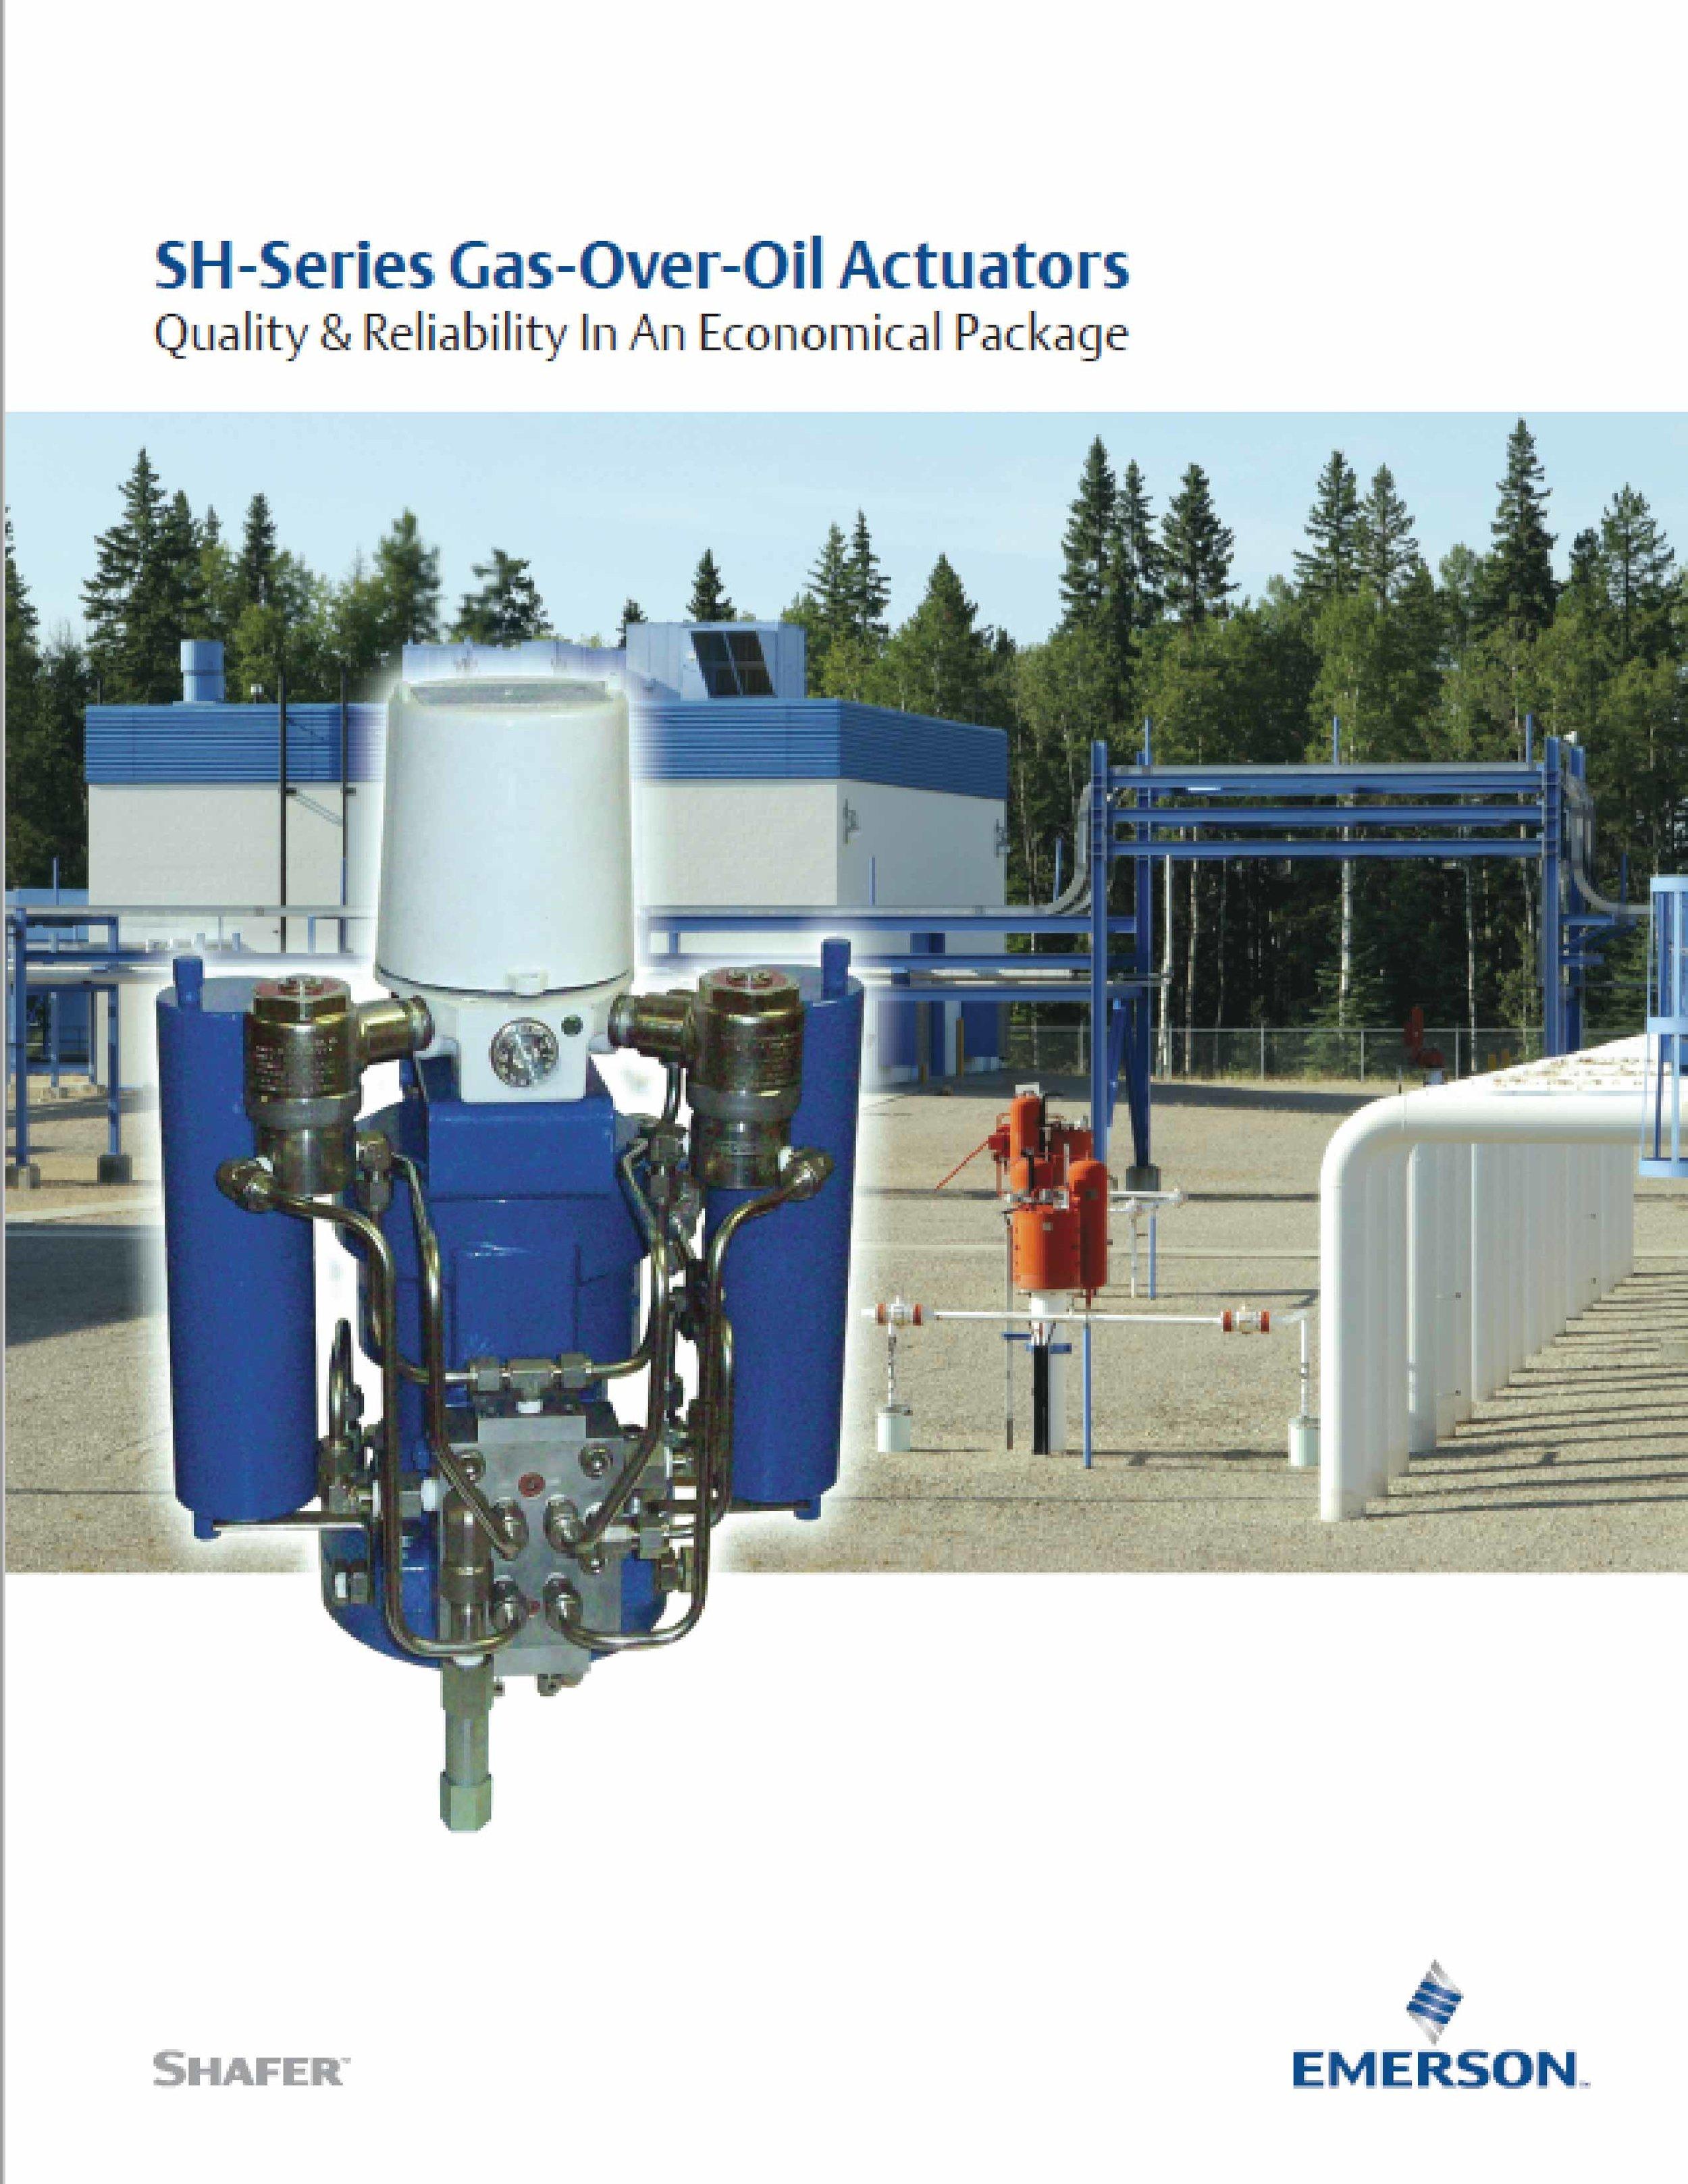 Shafer_gas over oil_SH series-brochure-01.jpg